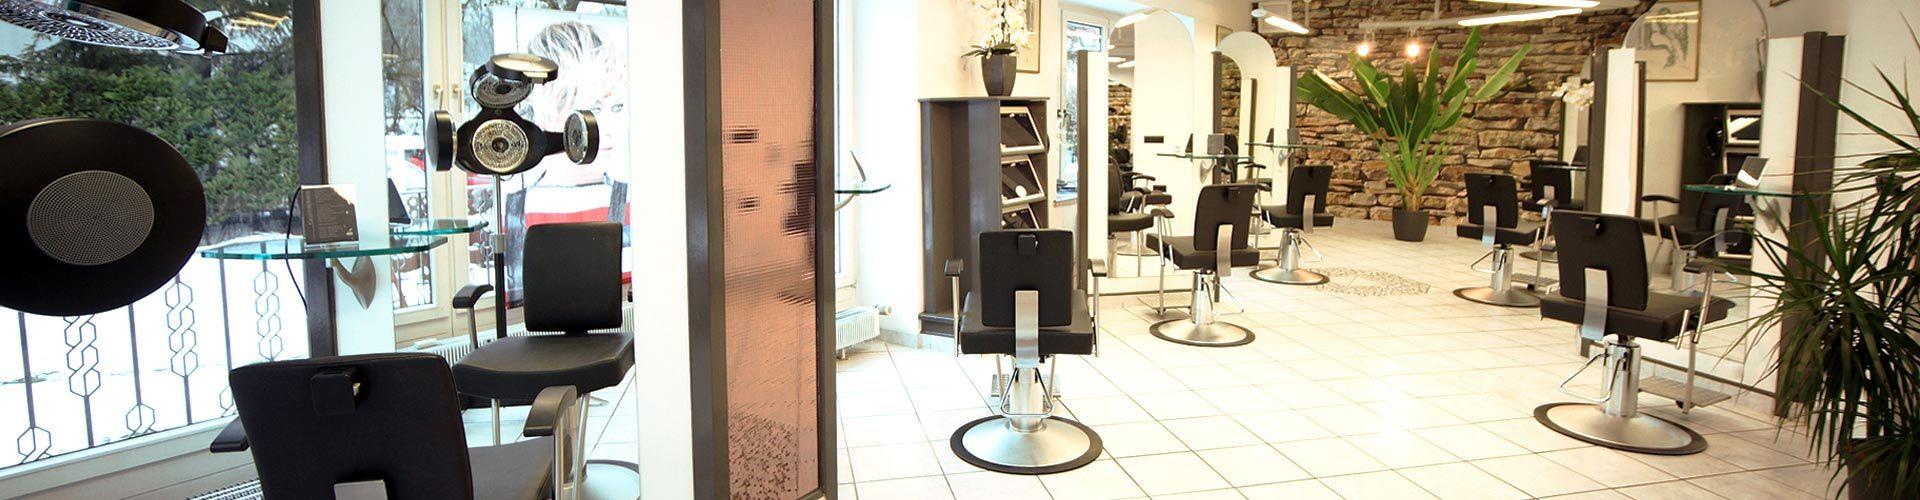 Impressionen vom Salon Haarstudio Wittmann in Kempten